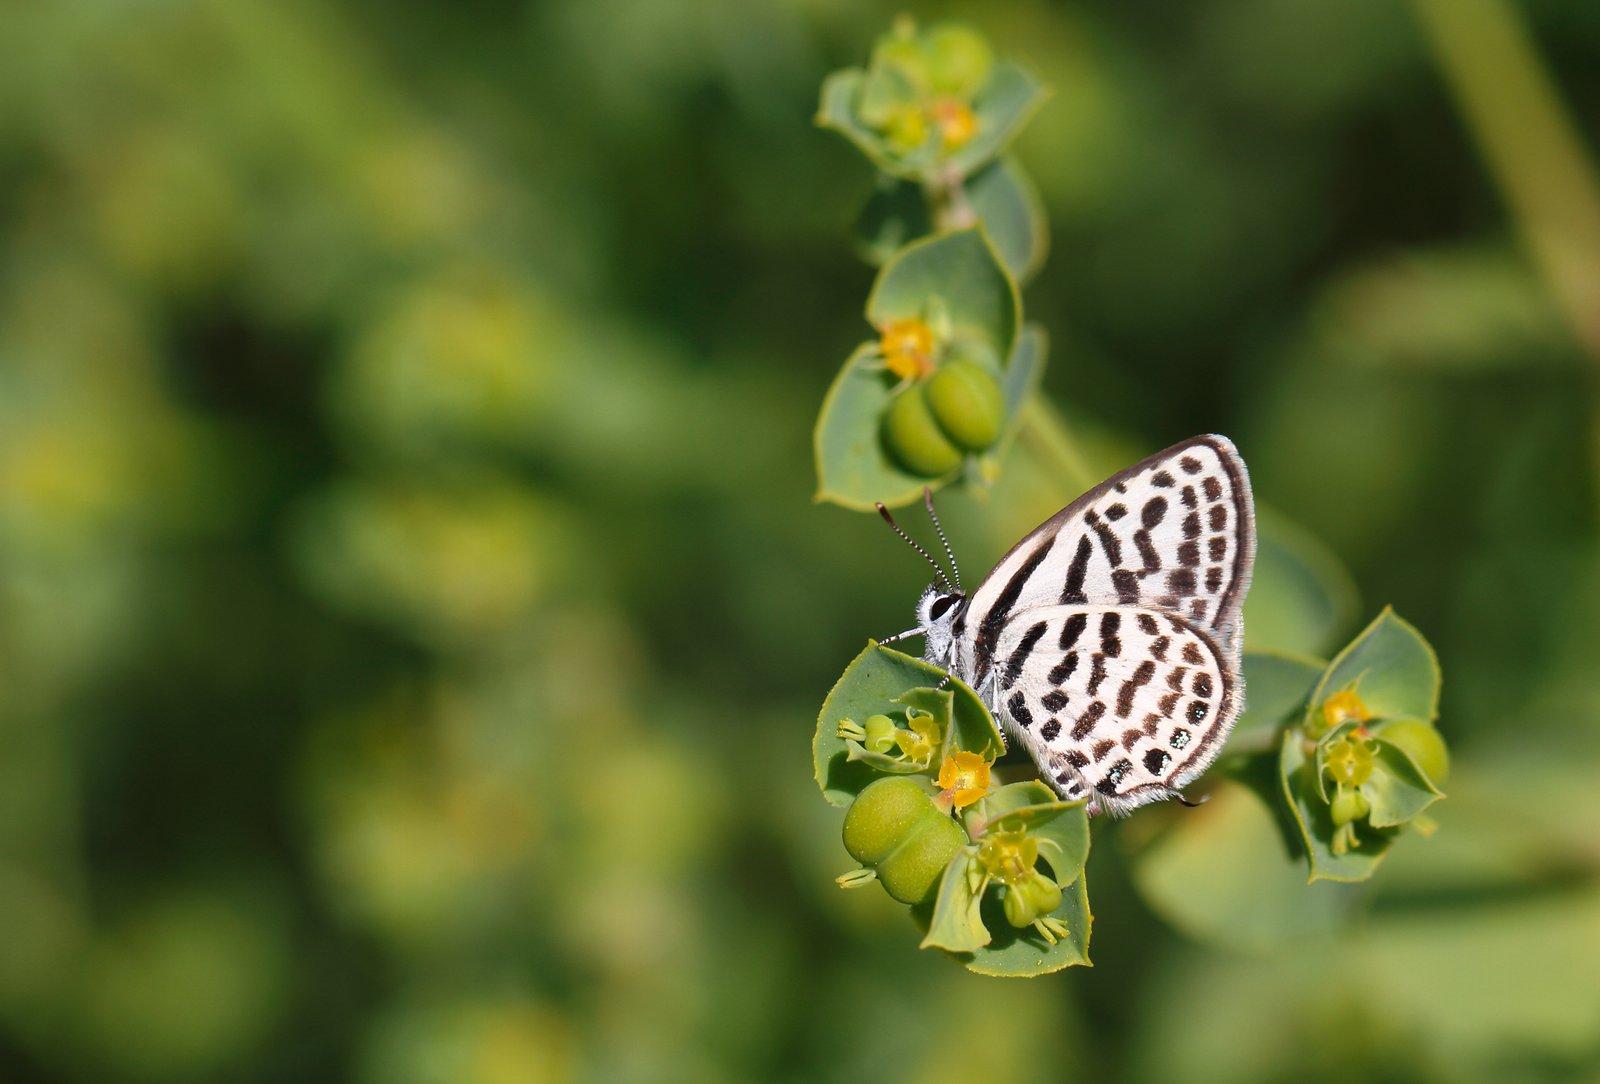 Tigerfugl, Tarucus theophrastus